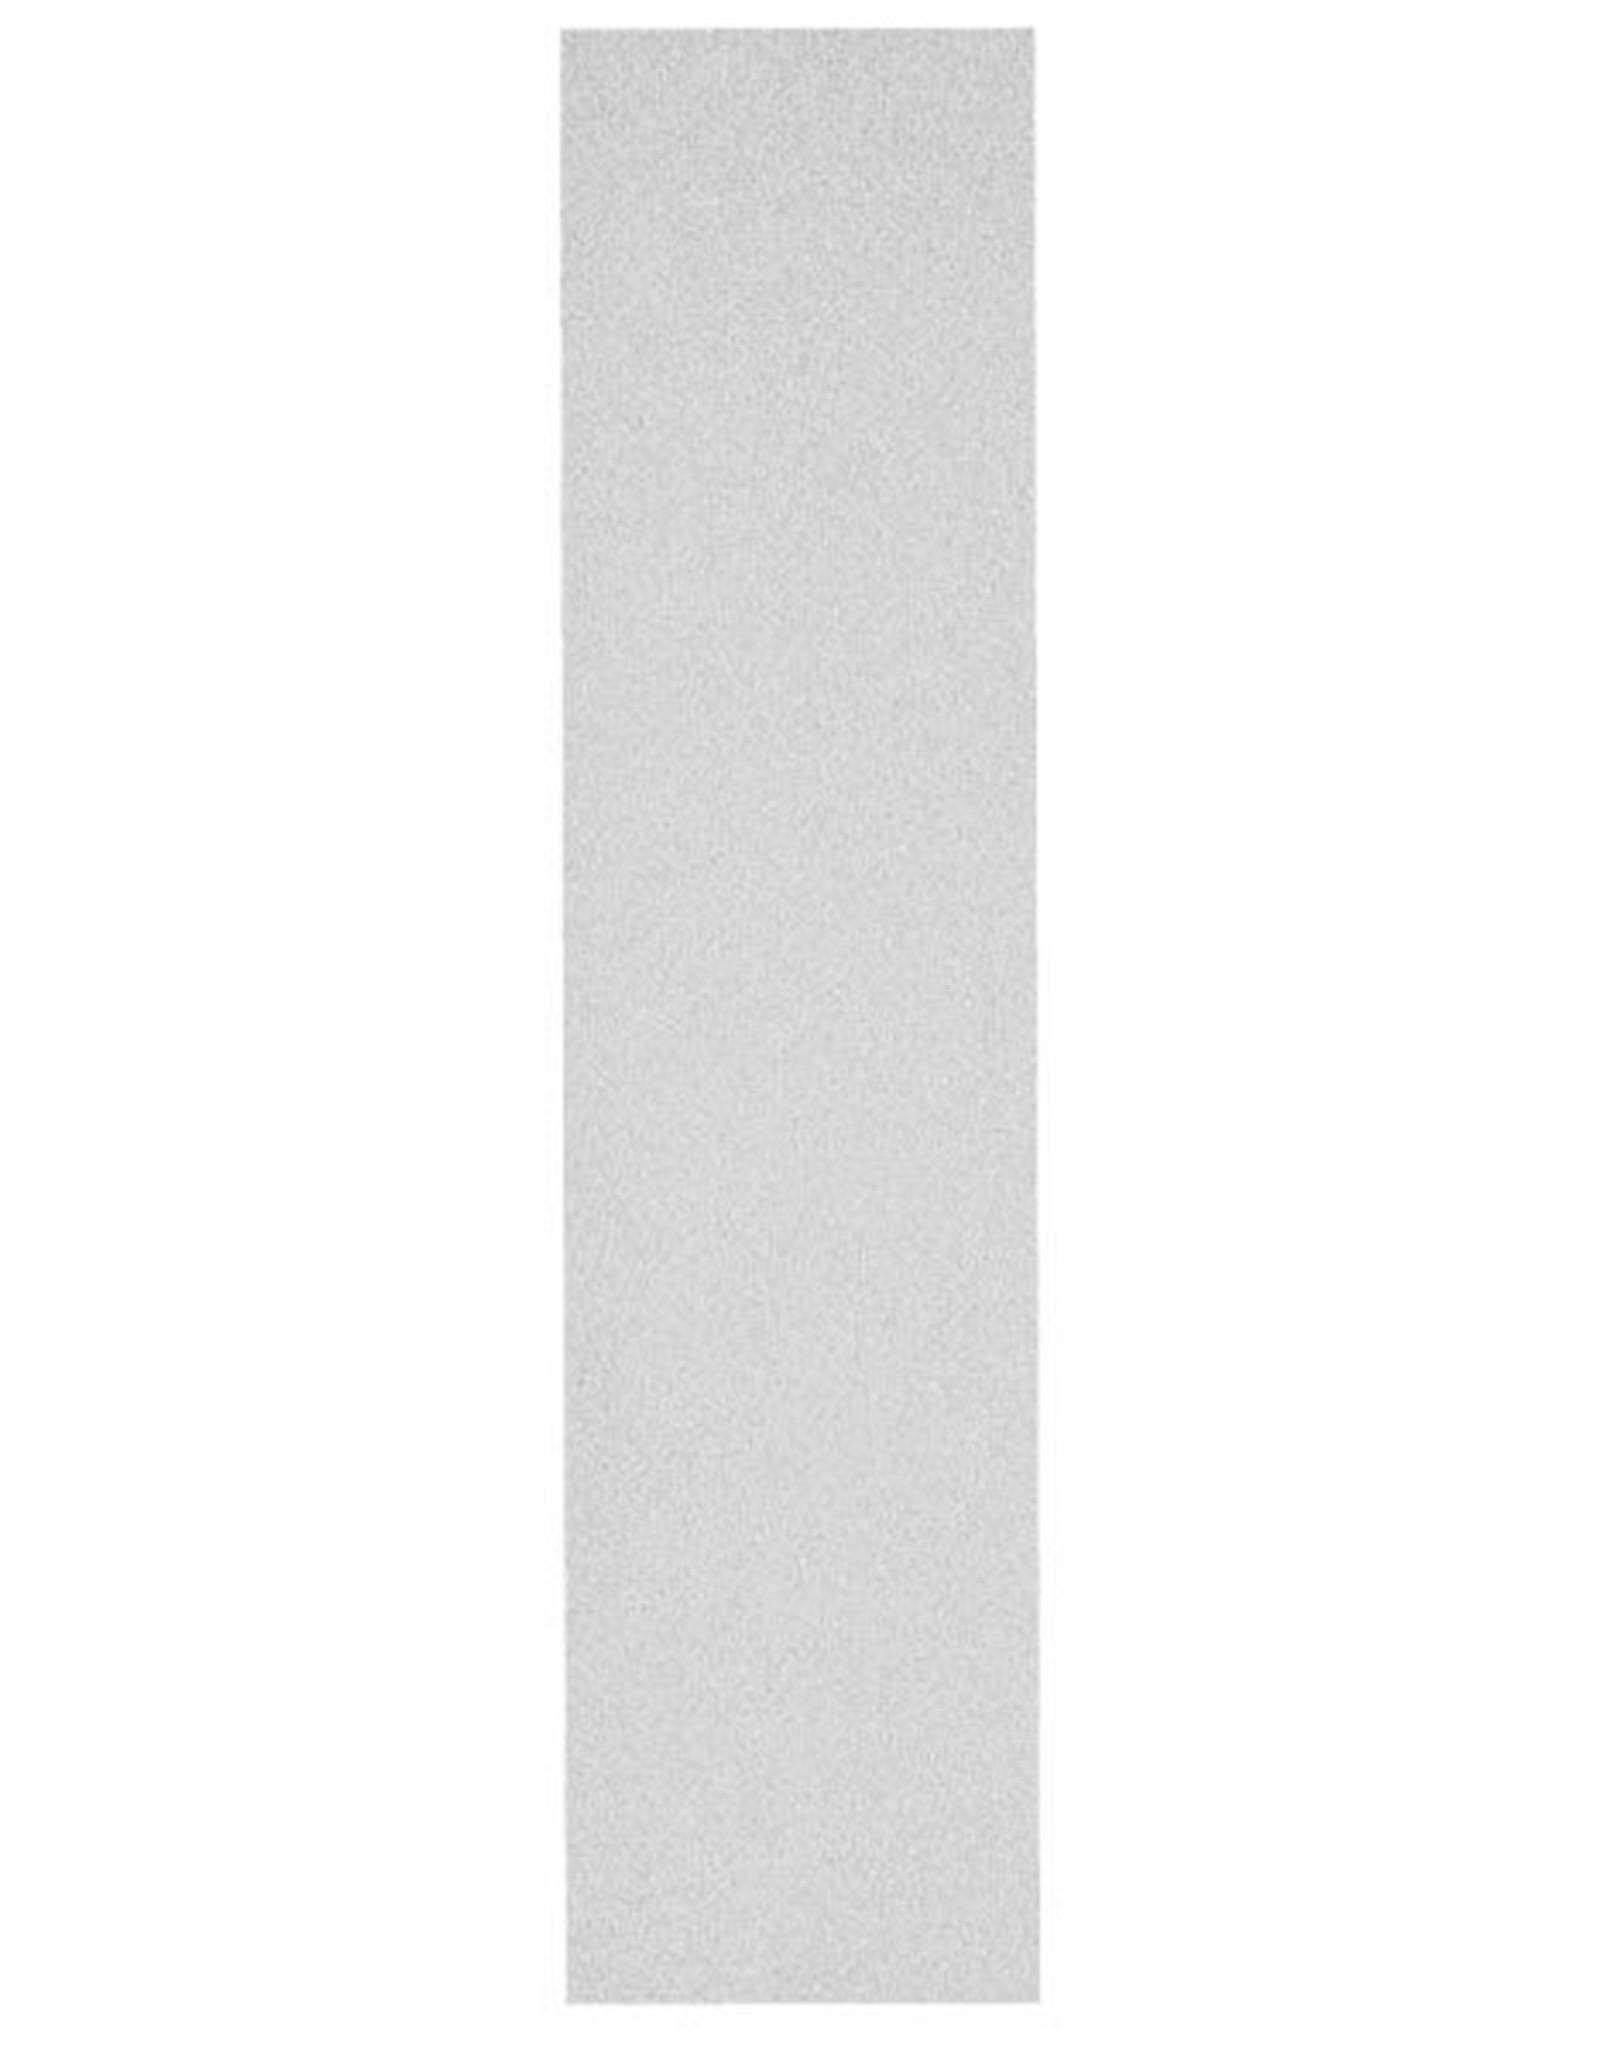 Flik Grip Tape (Clear)